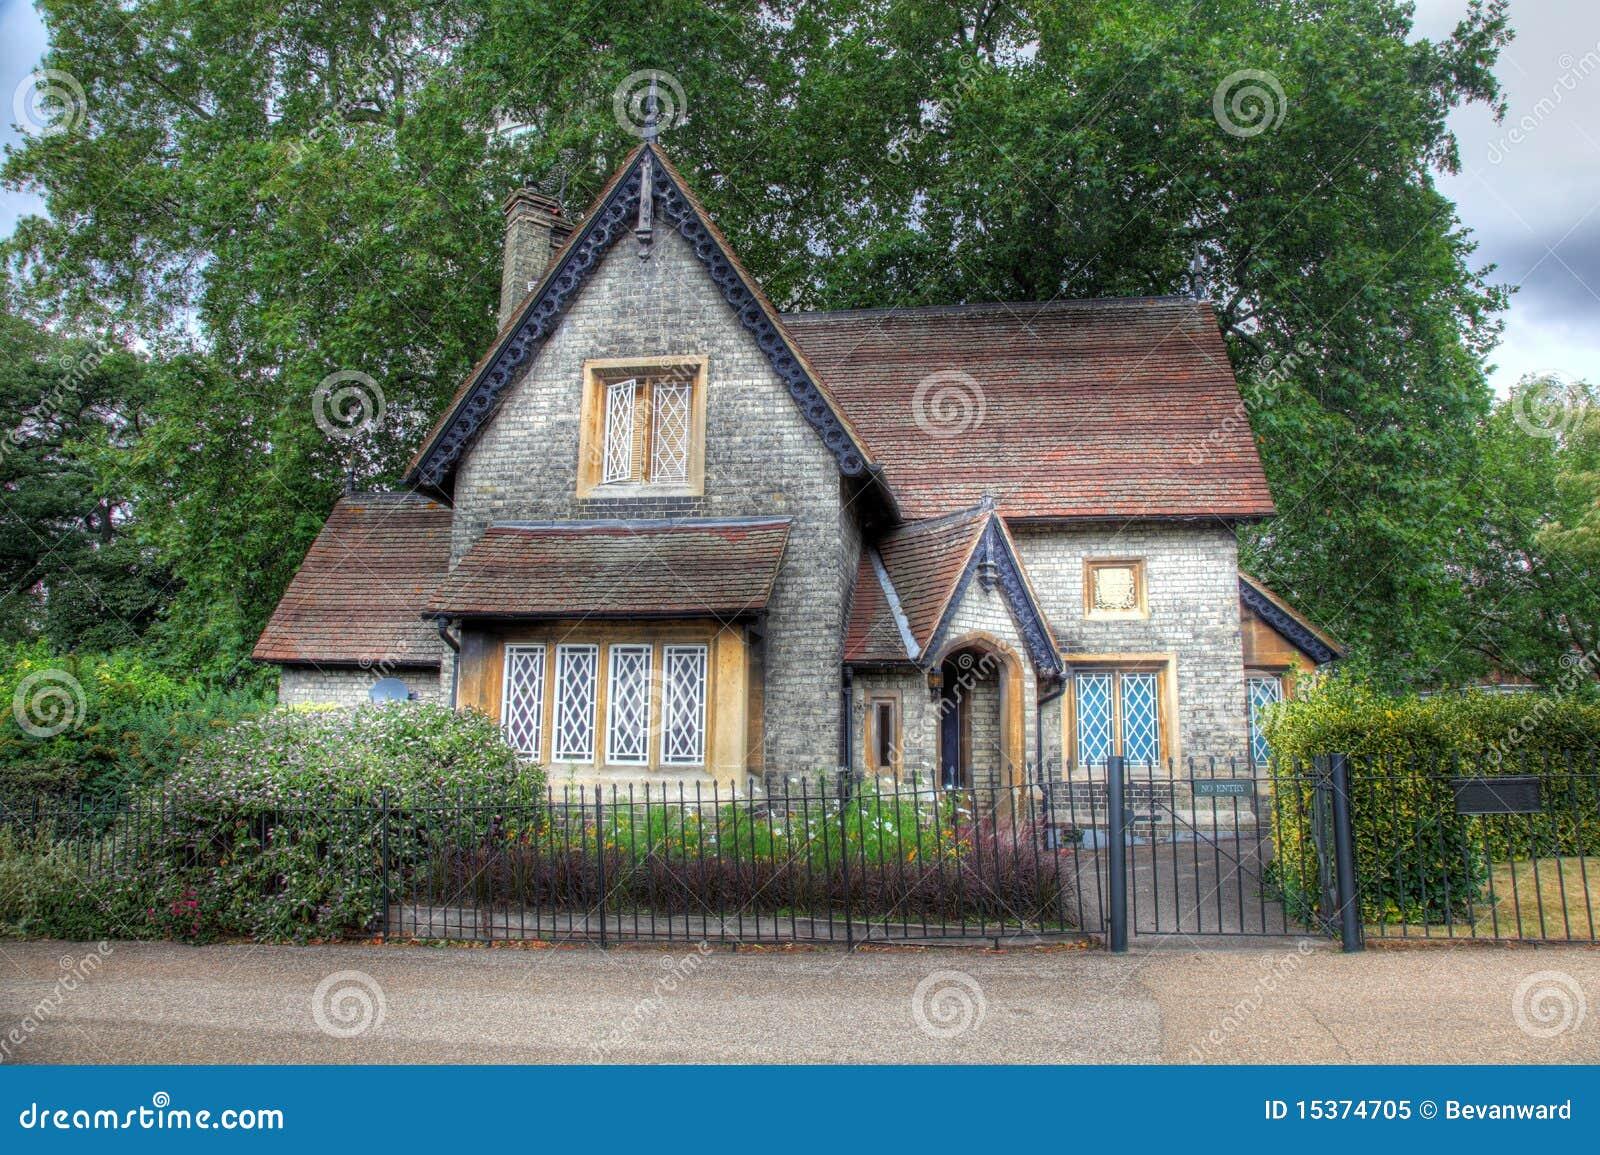 English Cottage Royalty Free Stock Photo - Image: 15374705